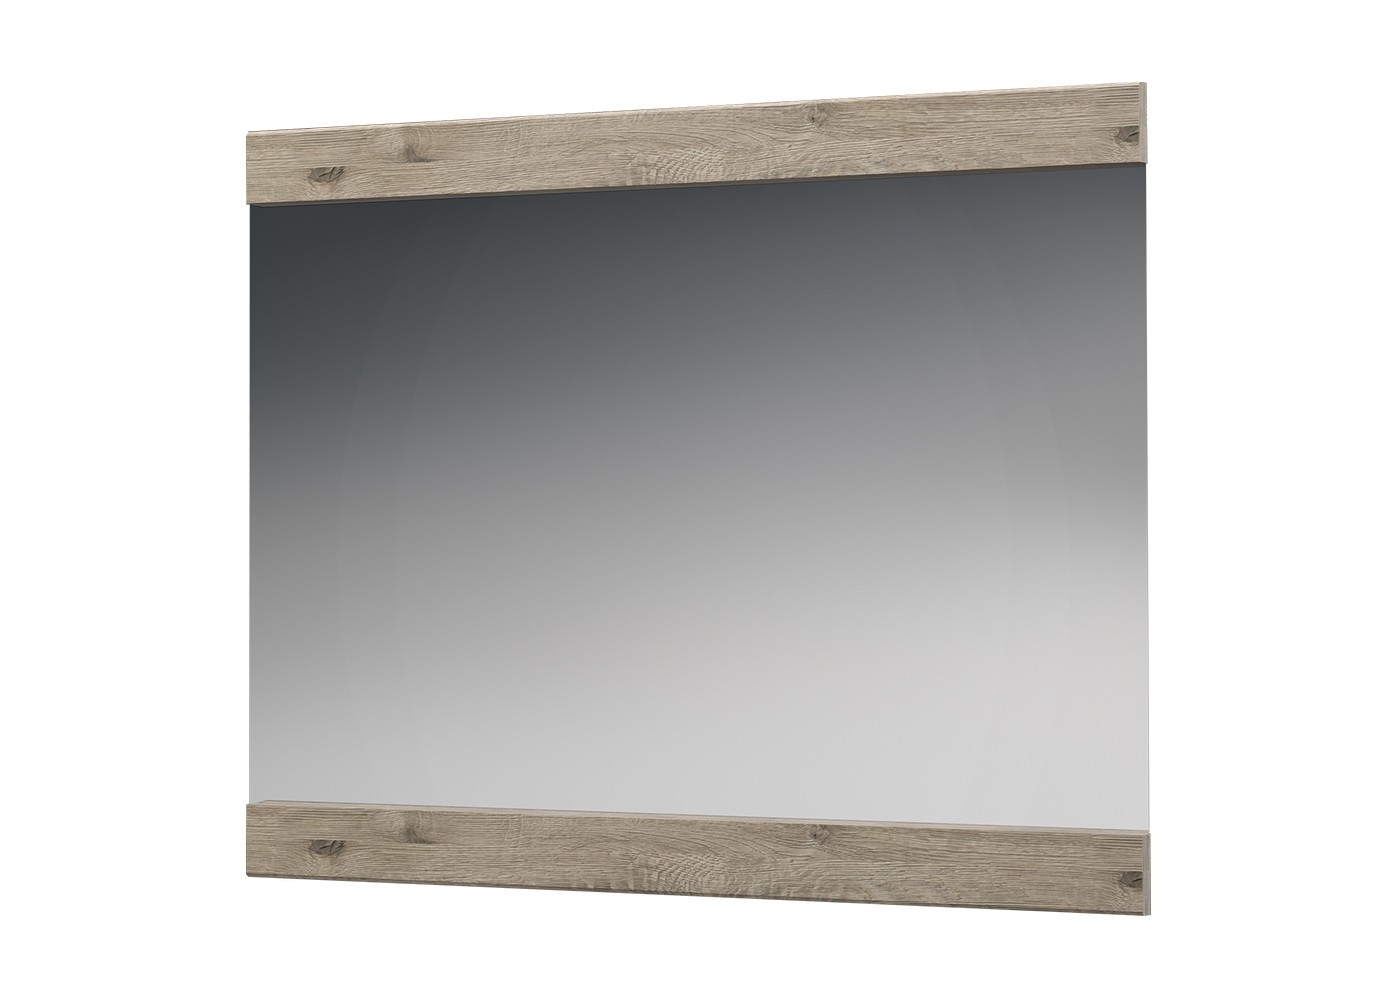 Зеркало DieselНастенные зеркала<br>Коллекция для молодежной комнаты DIESEL- это сочетание функциональности и уникальности дизайна. Характерные ручки в стиле &amp;quot;лофт&amp;quot;, вставки из рифленого стекла, используемого на фасадах витрин, оригинальное сочетание цветов фасадов - всё это дает возможность создать стильный и индивидуальный интерьер.&amp;amp;nbsp;<br><br>Material: ДСП<br>Ширина см: 80<br>Высота см: 62<br>Глубина см: 3